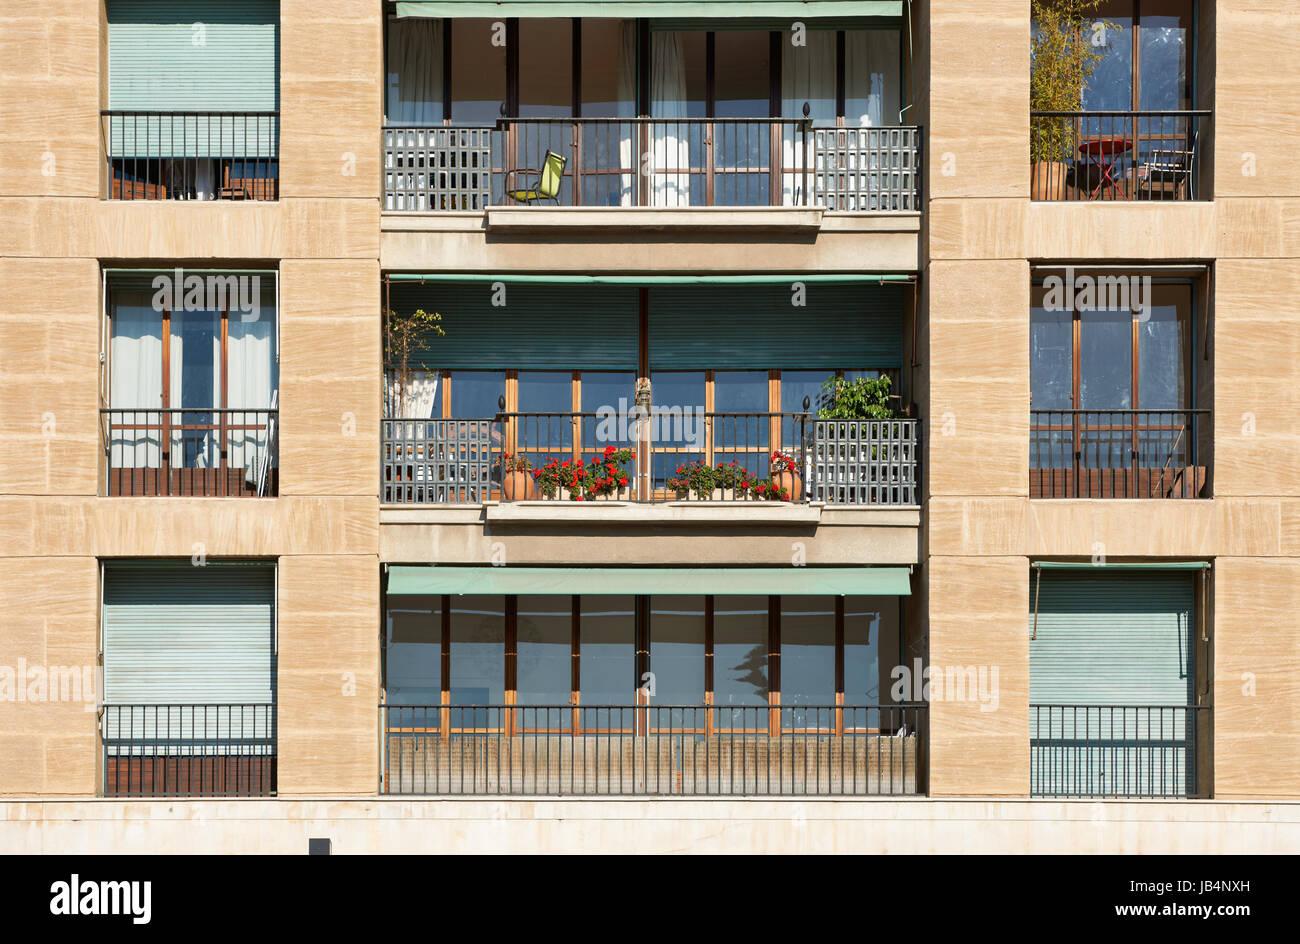 Architektur Detail Klassischen Balkon Aus Sudfrankreich Cote D